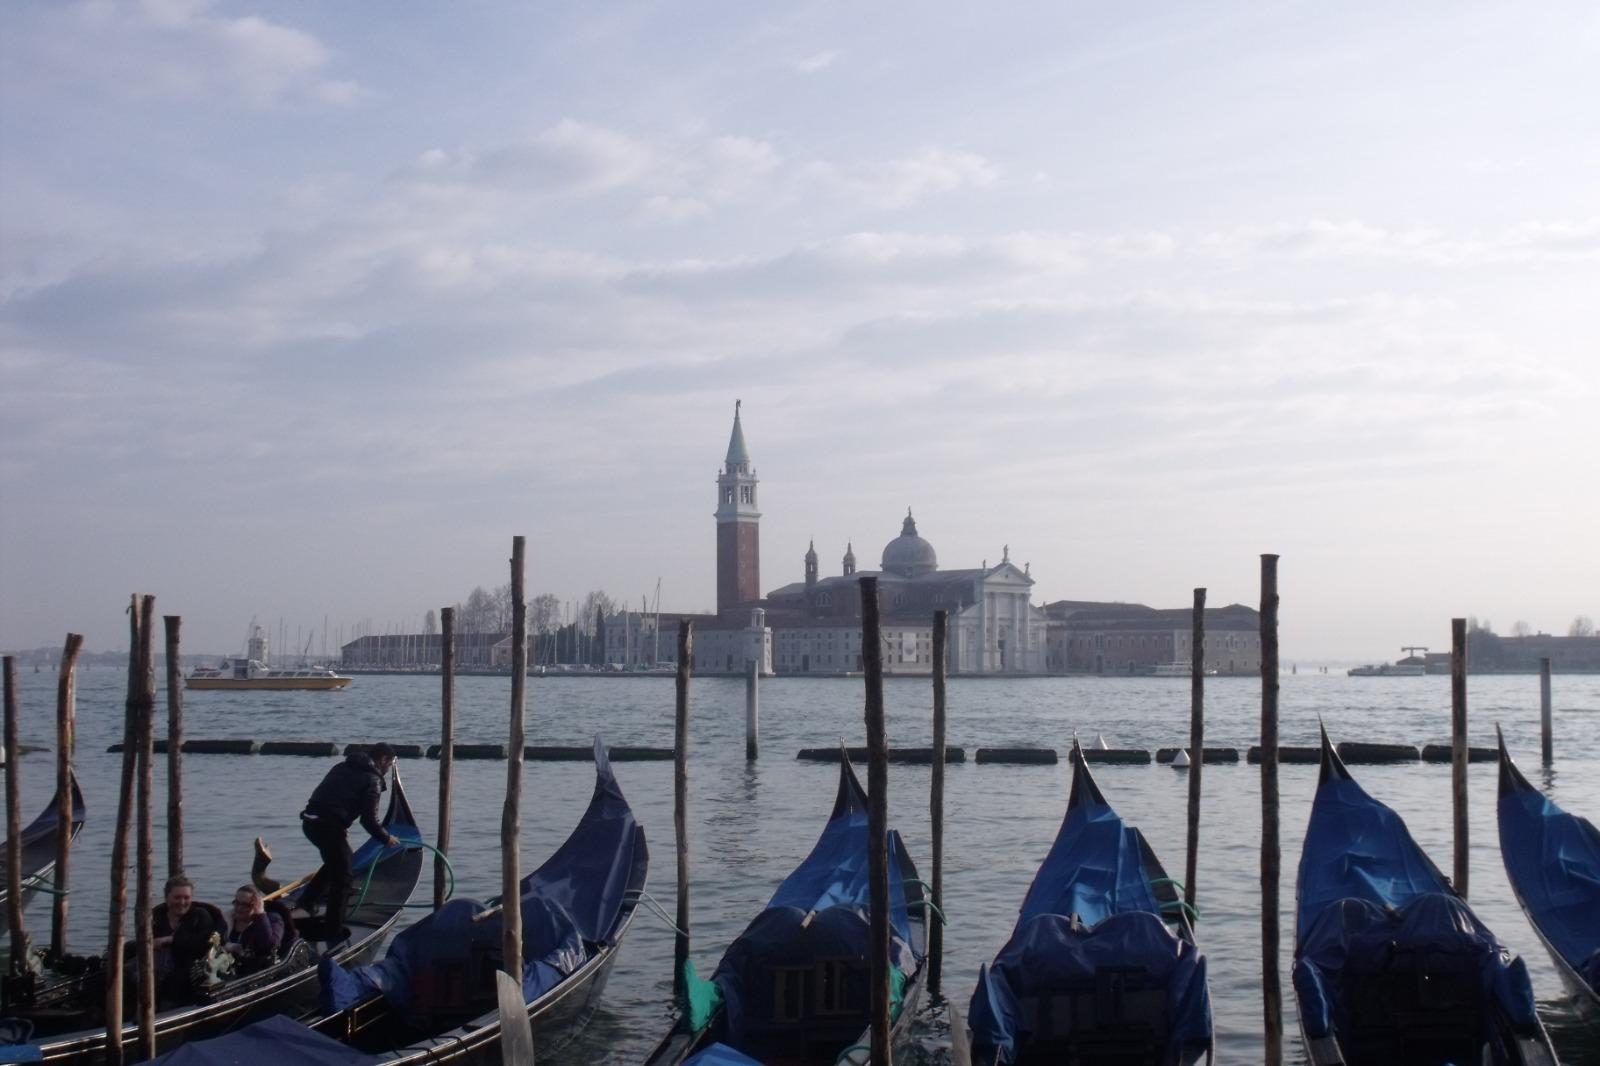 venezia11-1600183247.jpg